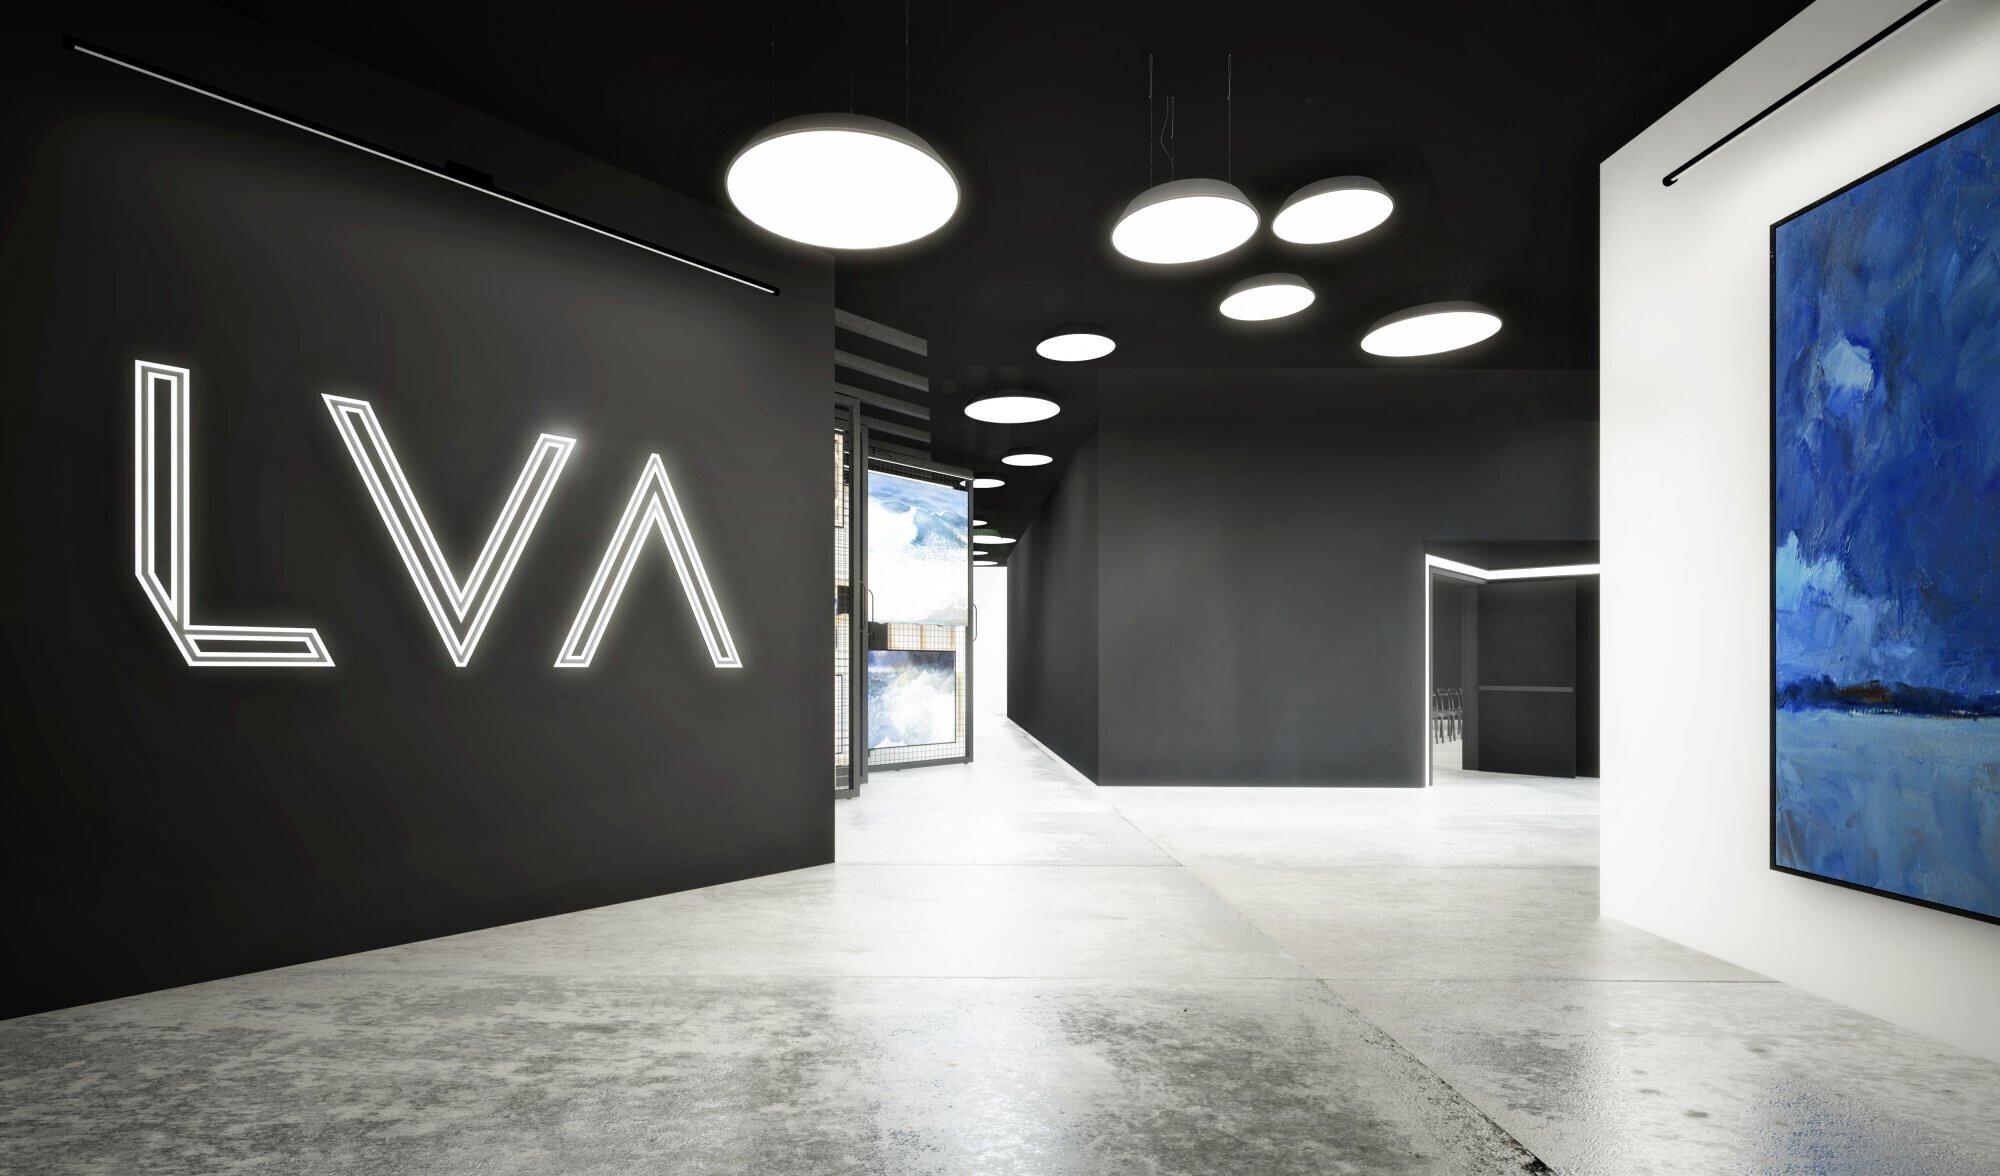 louisville-visual-arts-interior-passthrough